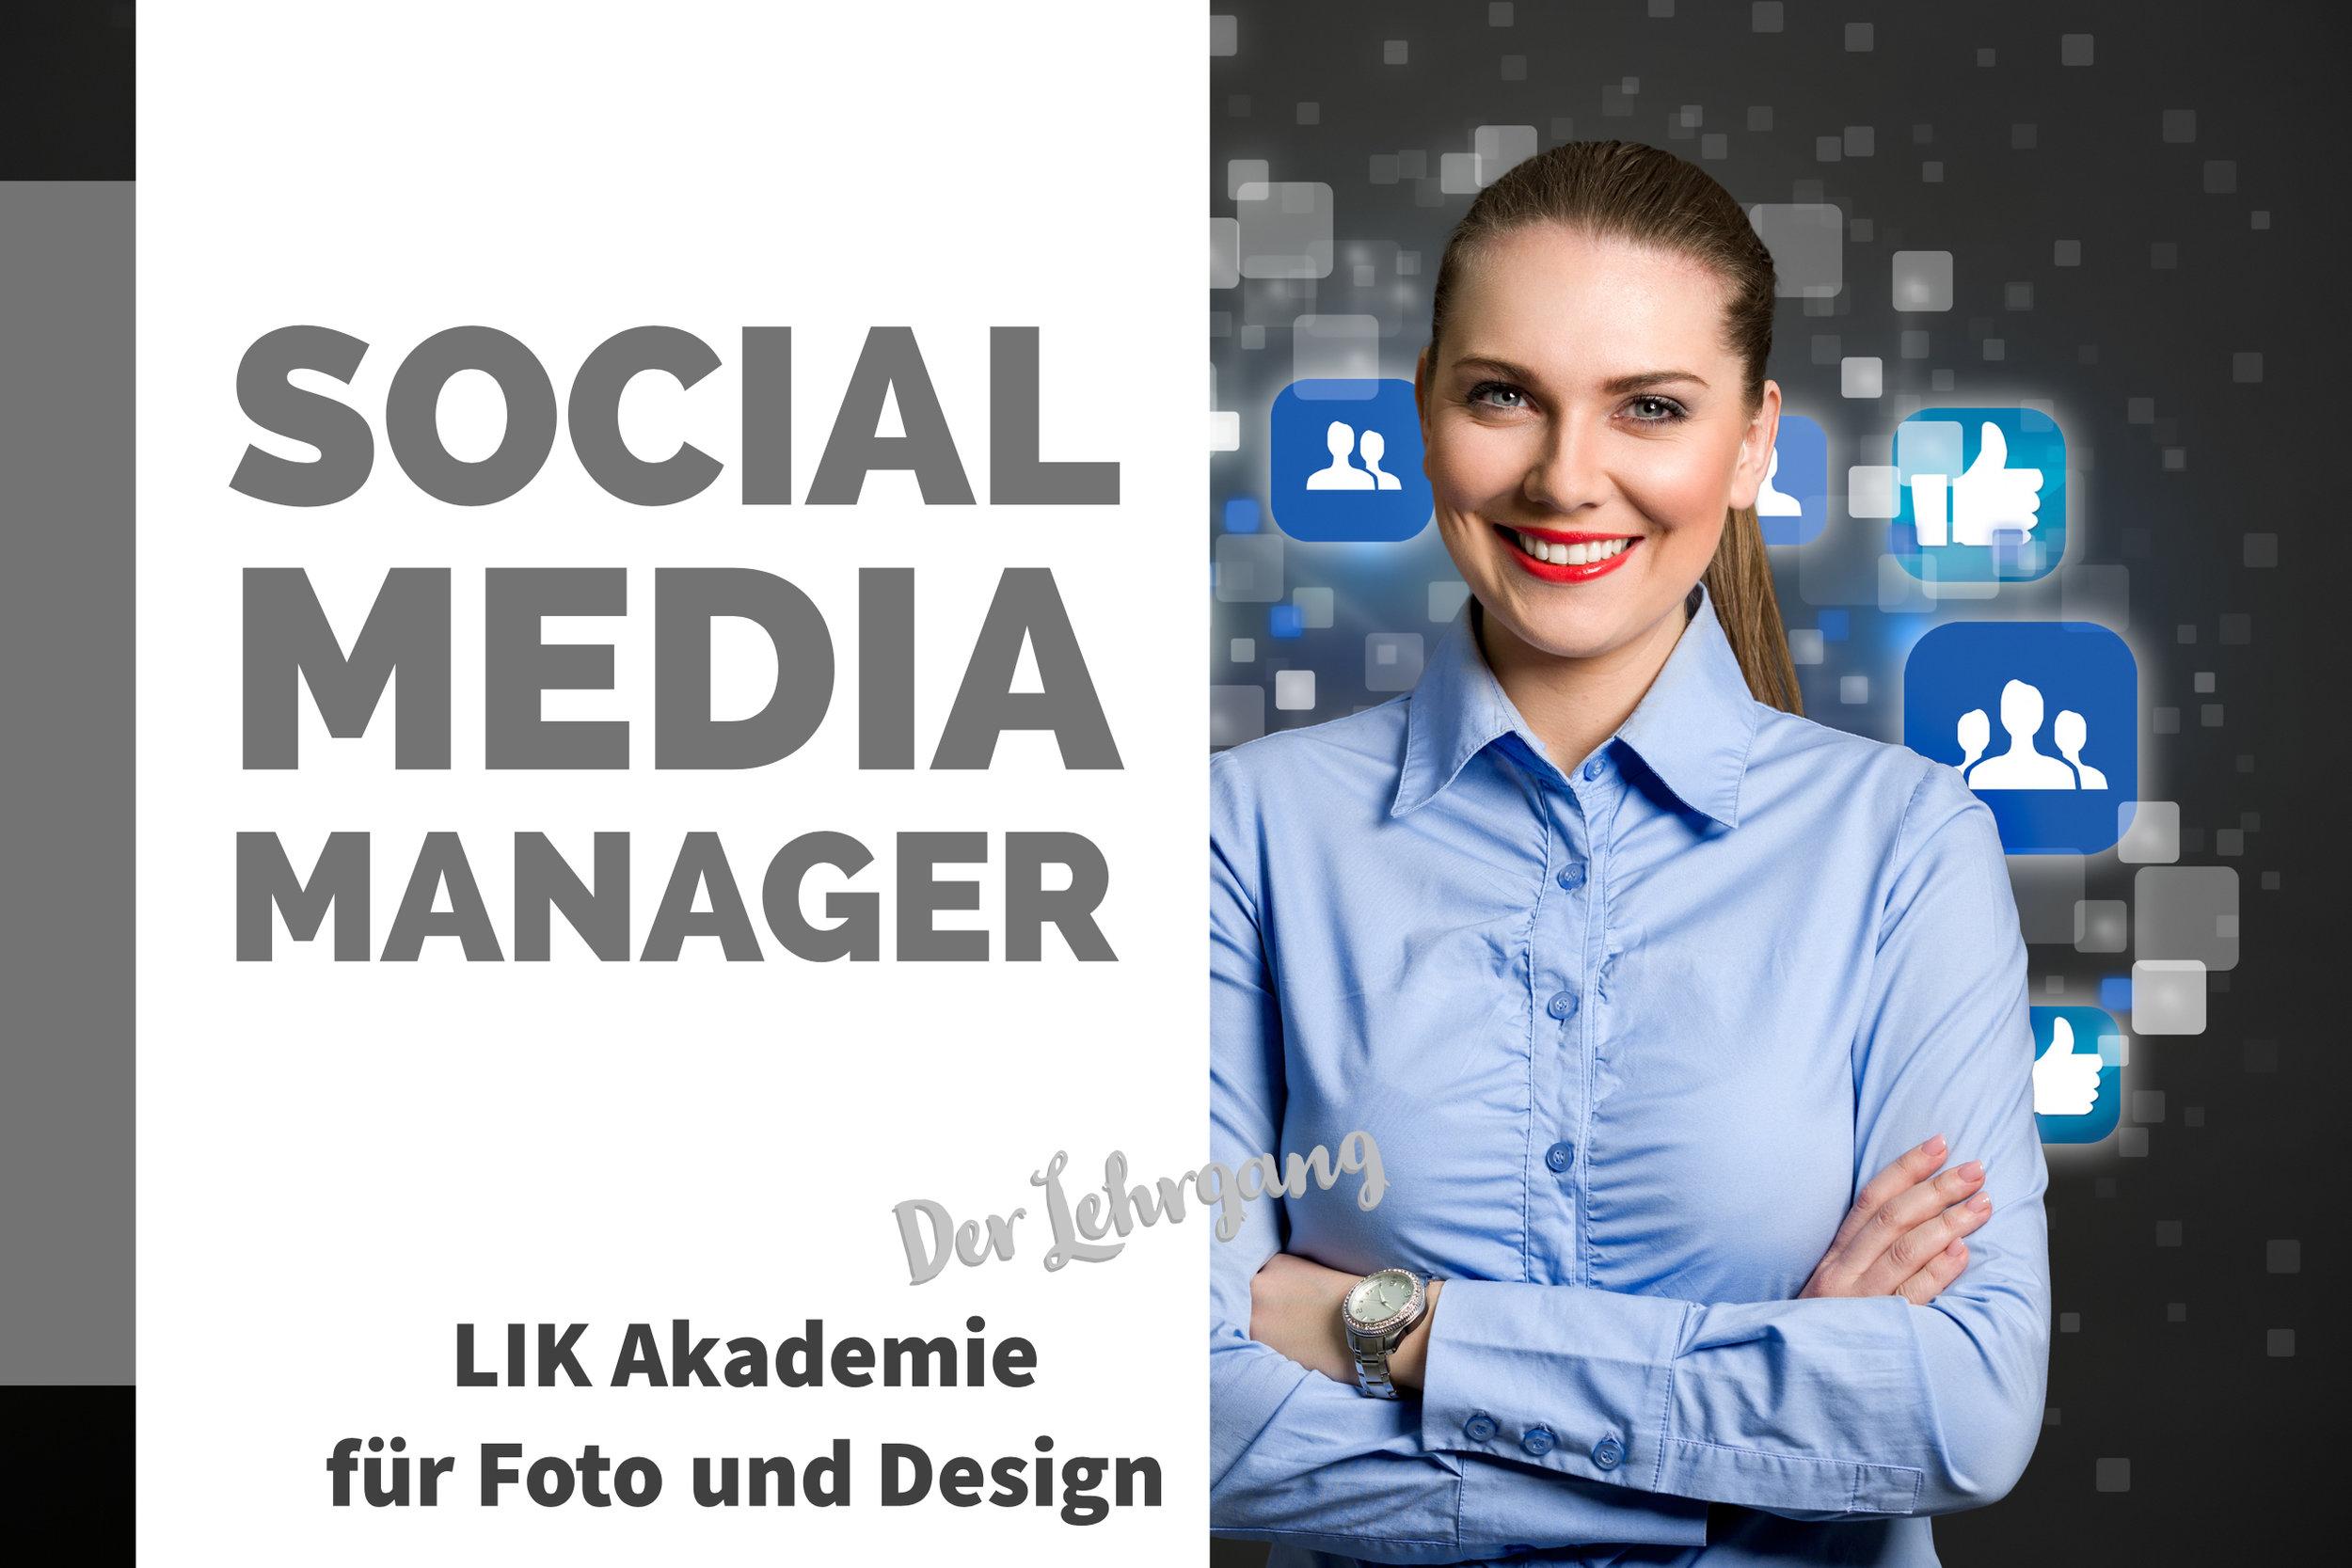 LIK Ausbildung Social Media Manager.jpg